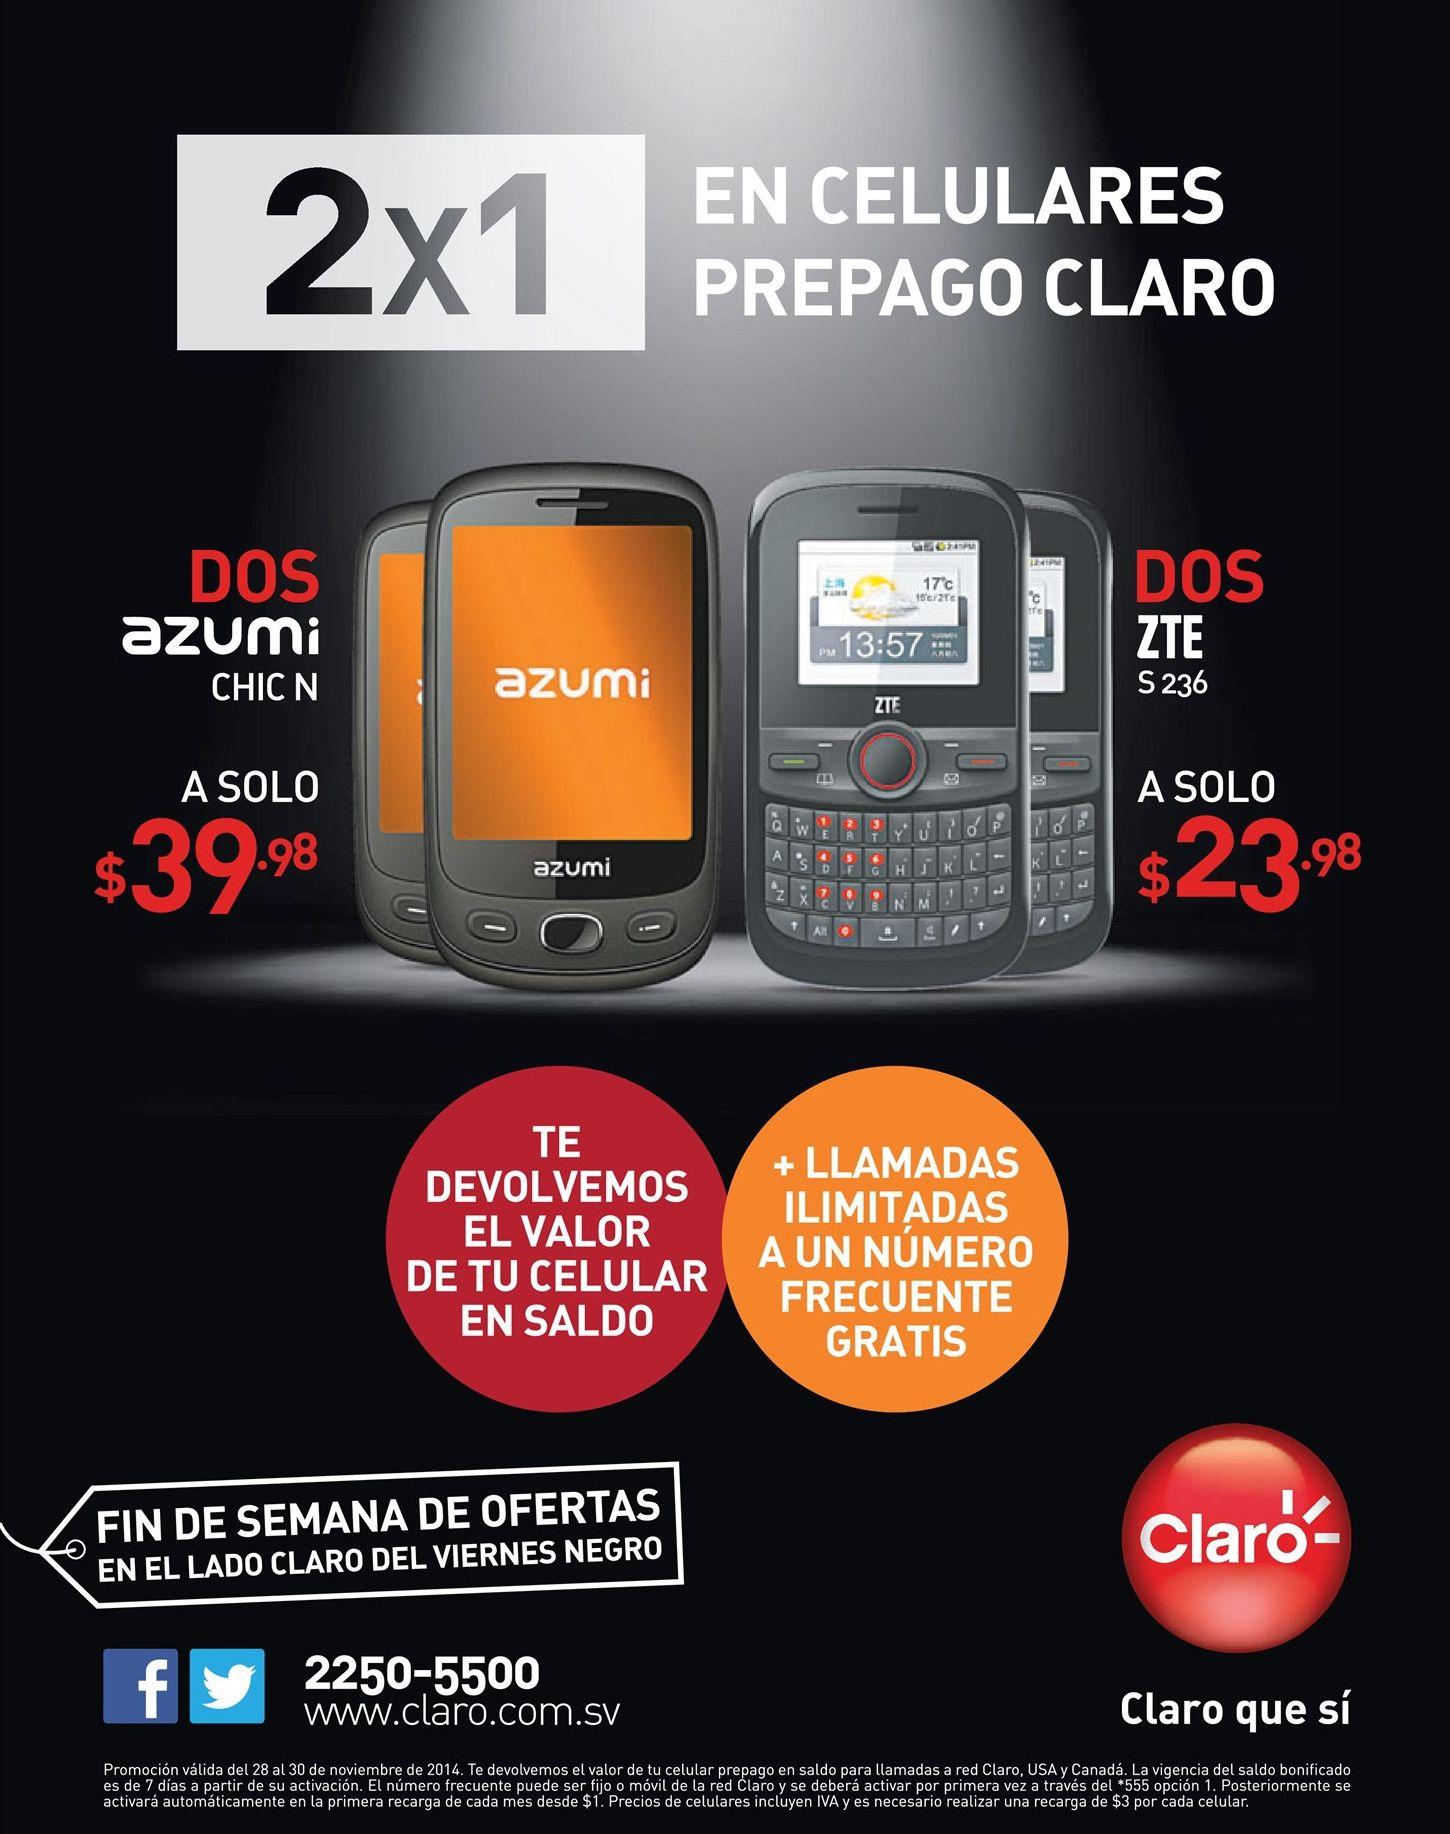 Celulares 2x1 promociones CLARO friday - 28nov14 - Ofertas